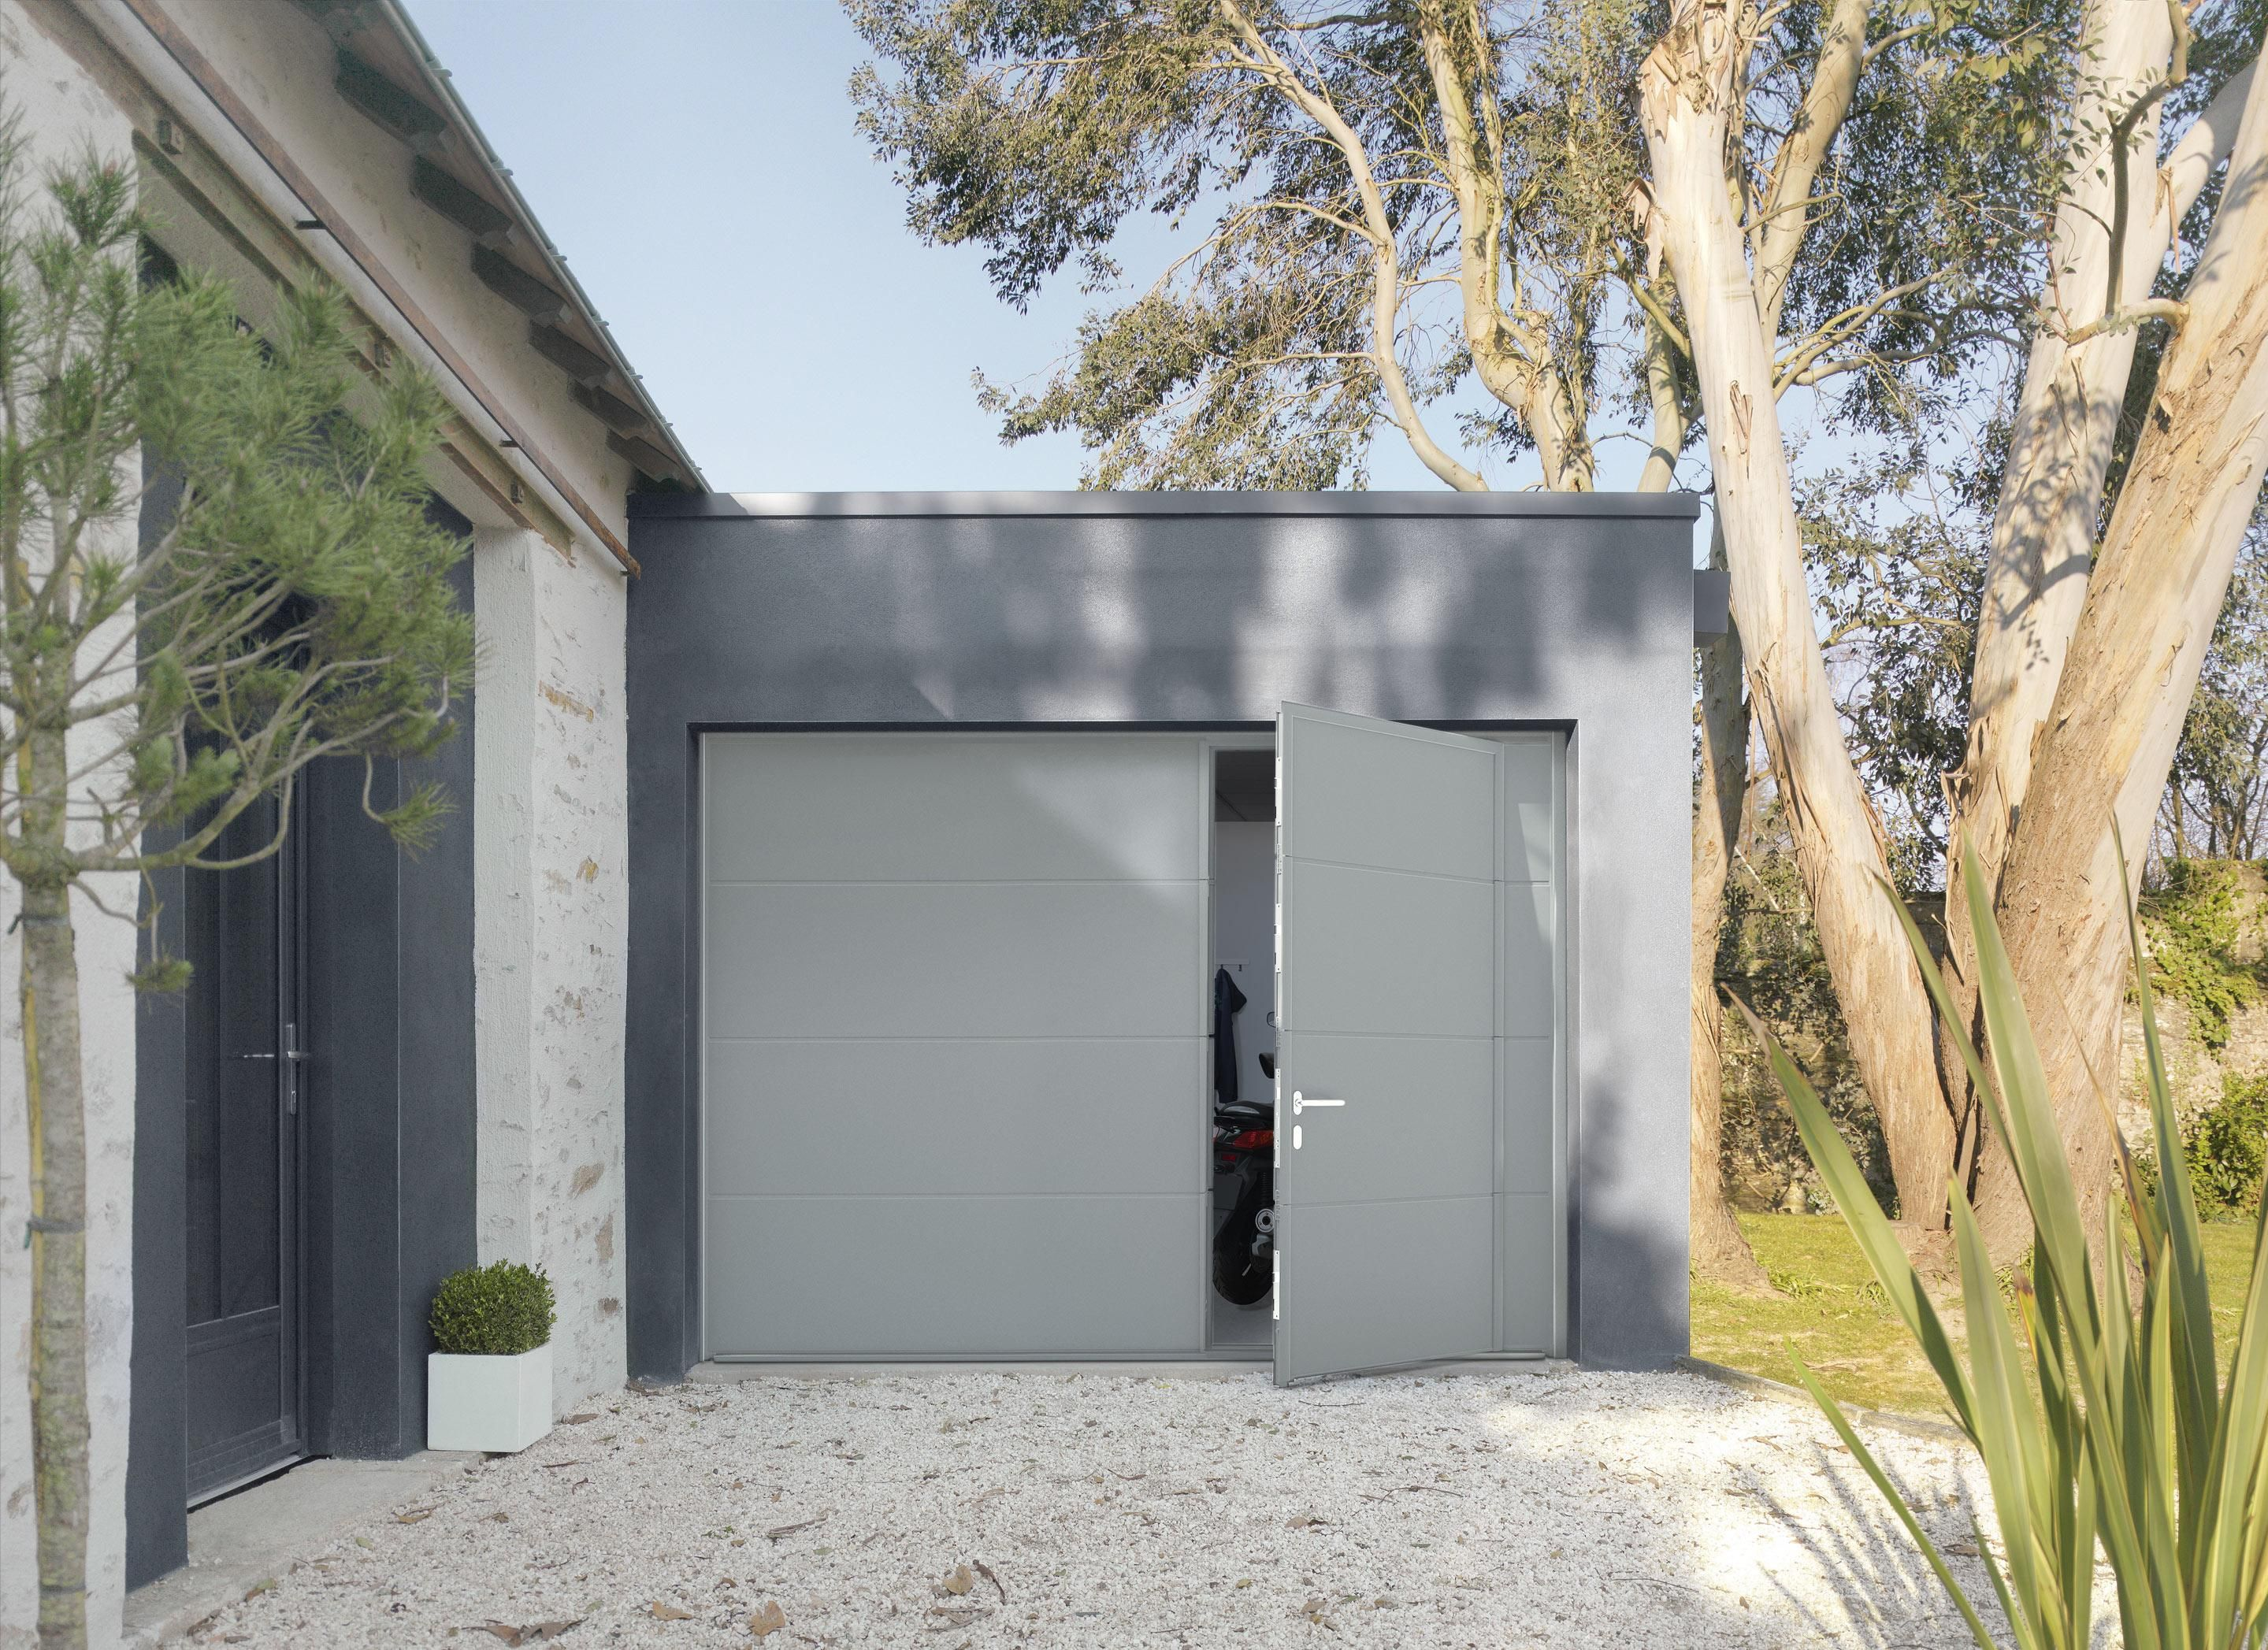 Porte De Garage Avec Portillon Motorisee Artens Premium 200x240 Gris En 2020 Porte Garage Porte De Garage Sectionnelle Et Garage